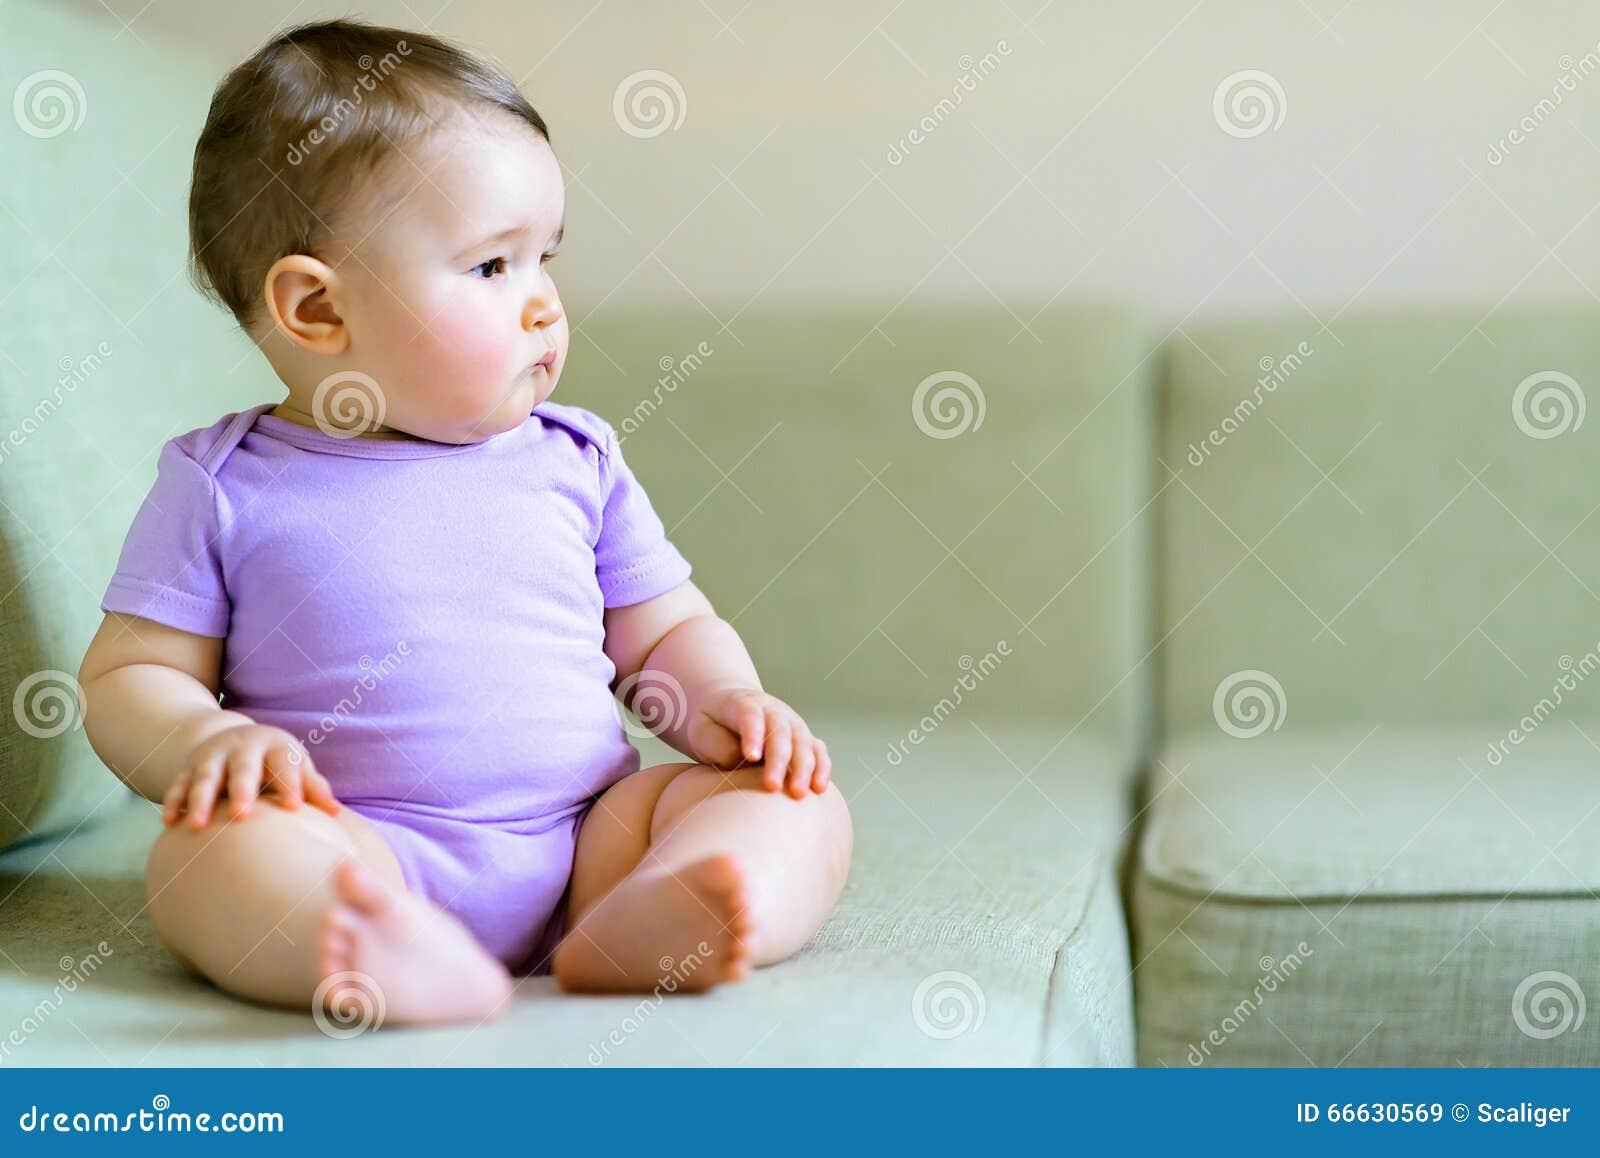 durchdachtes nettes baby das auf der couch sitzt stockbild bild von m dchen obacht 66630569. Black Bedroom Furniture Sets. Home Design Ideas